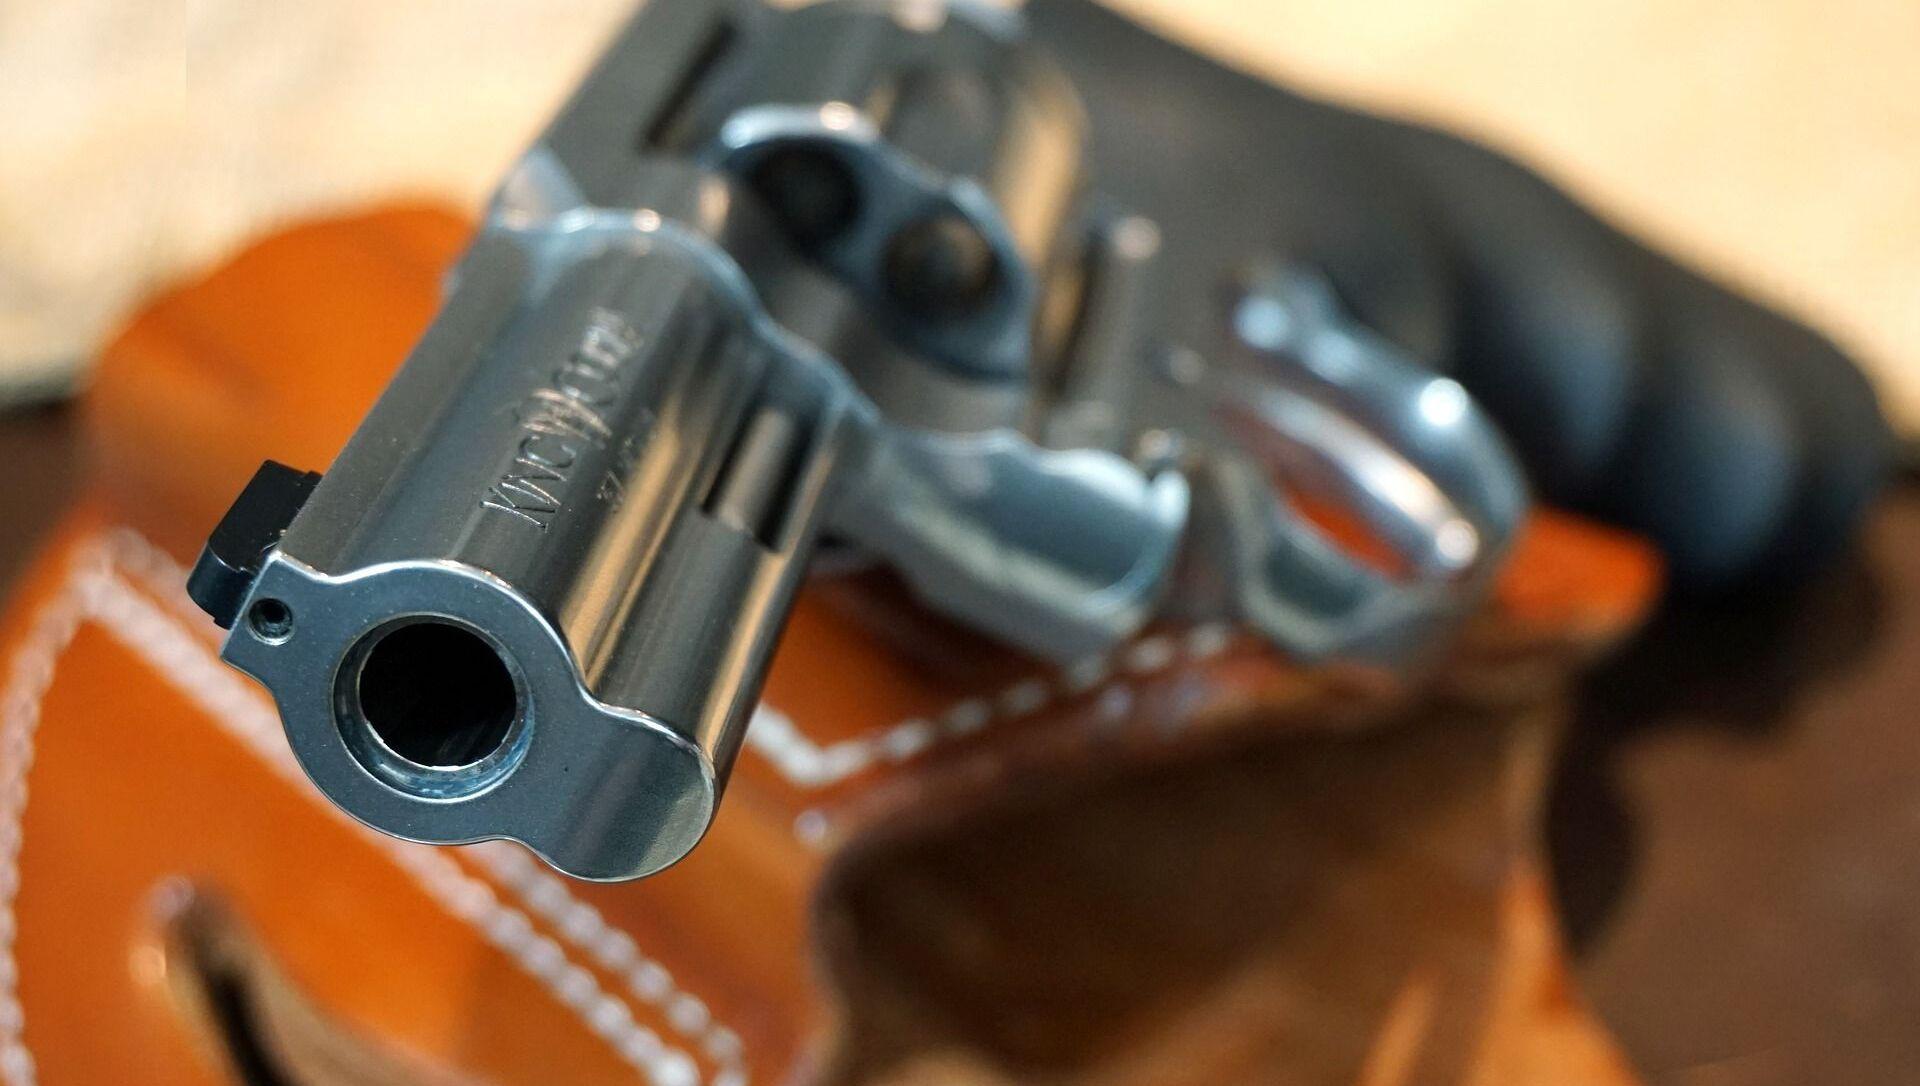 Un revolver (image d'illustration) - Sputnik France, 1920, 12.06.2021